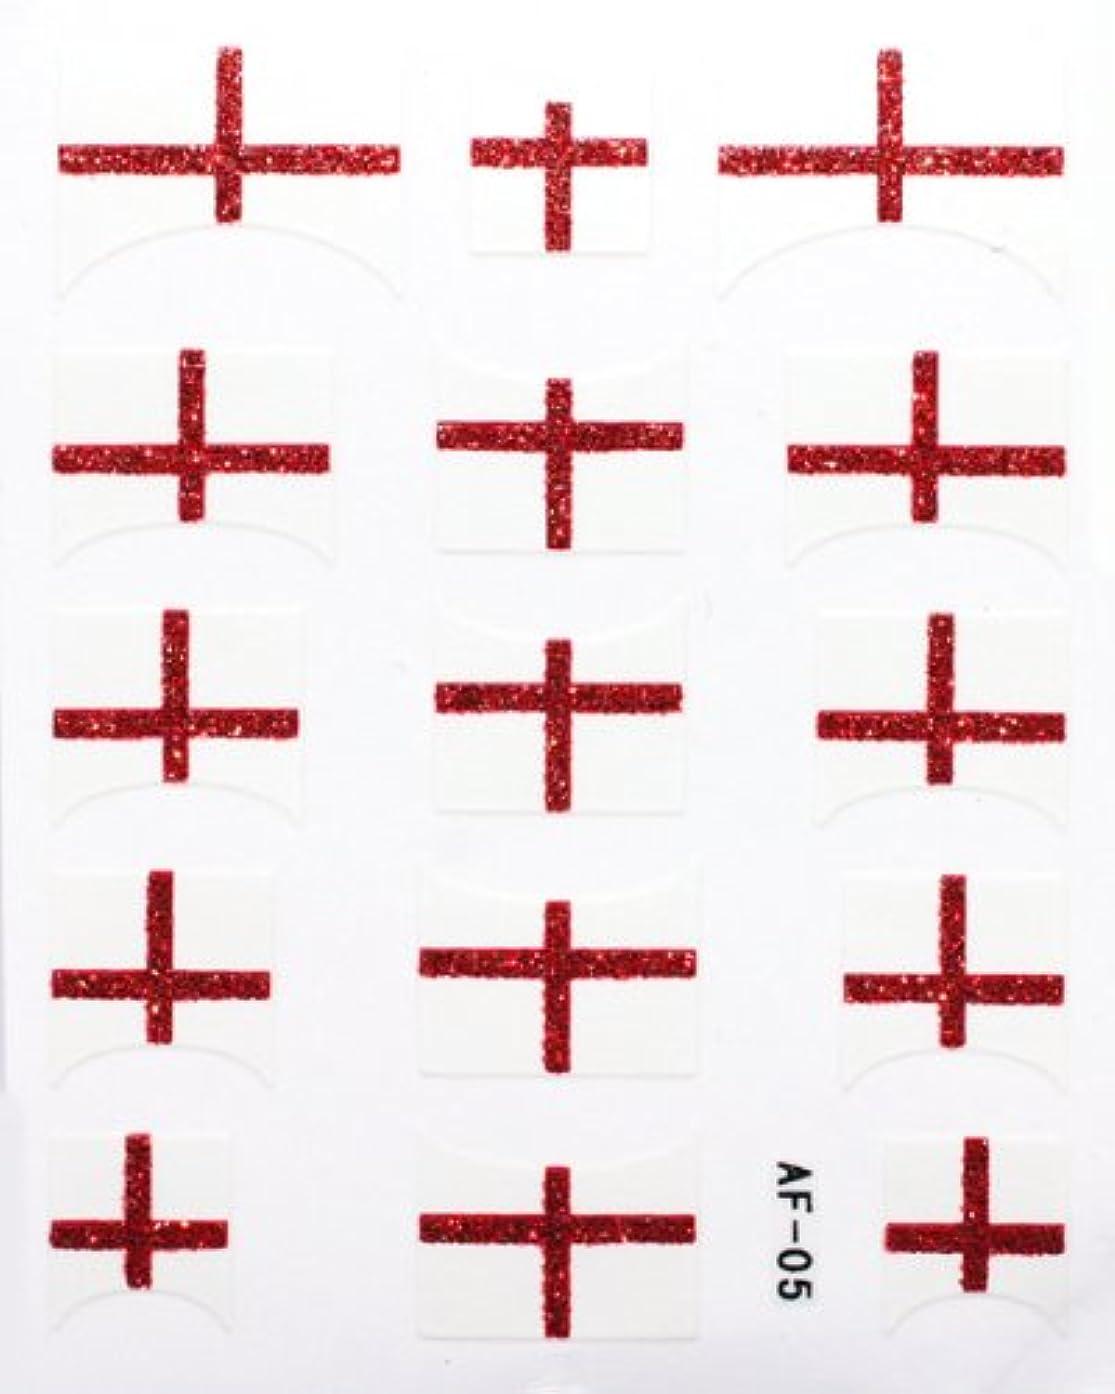 女将戦術前任者きらきら逆フレンチネイルシール イングランド国旗 AF05 貼るだけ ジェルネイルアート